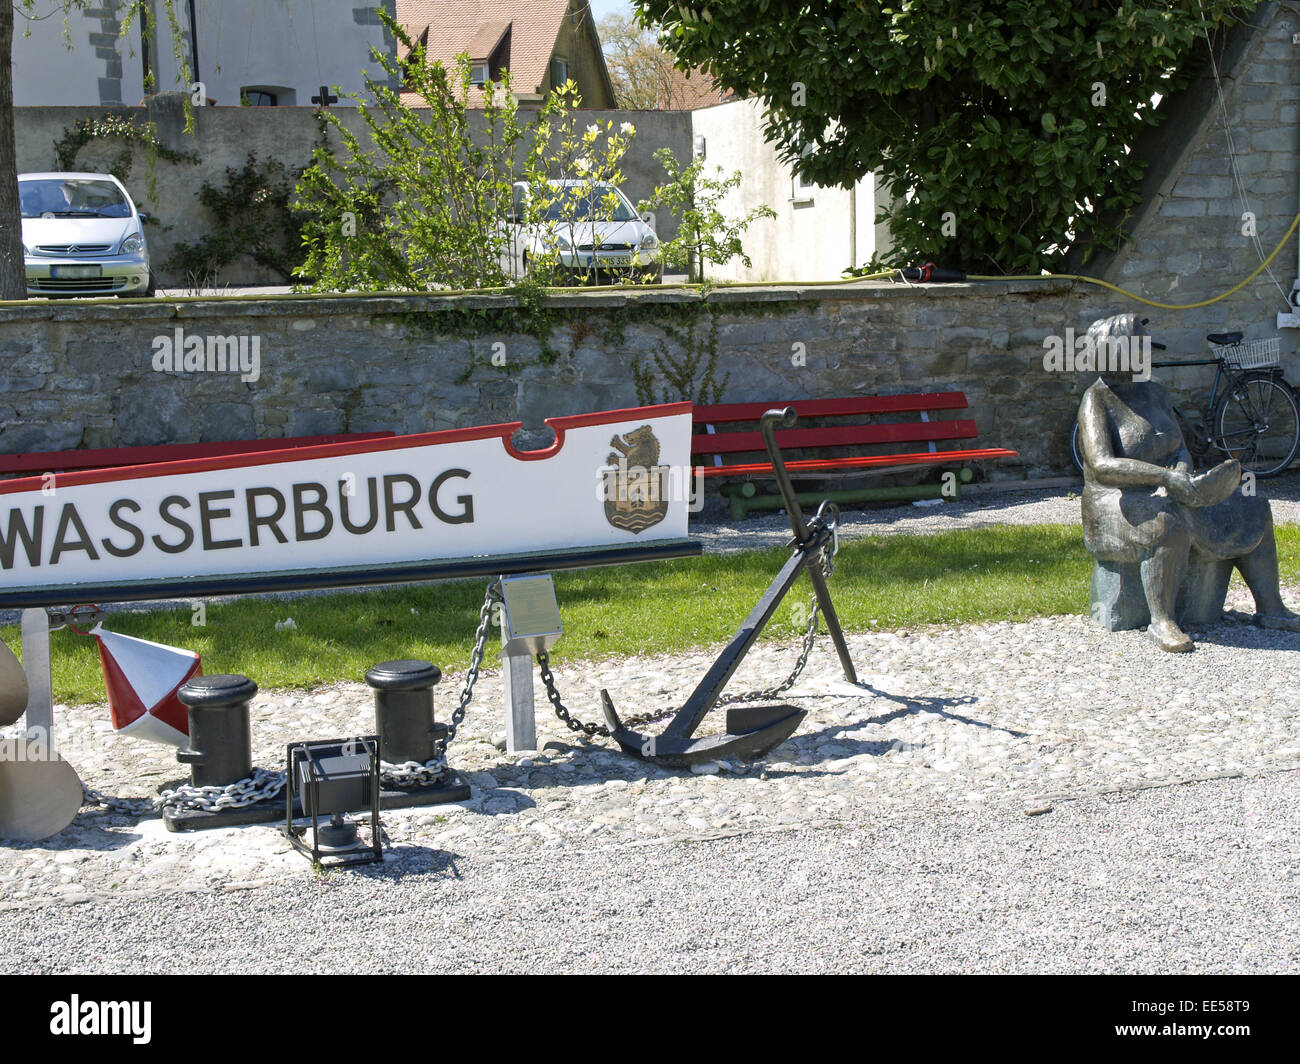 Deutschland, Bodensee, Europa, Oberschwaebische Barockstrasse, Stadt, Sehenswuerdigkeit, Tourismus, Bayern, Schwaben, - Stock Image